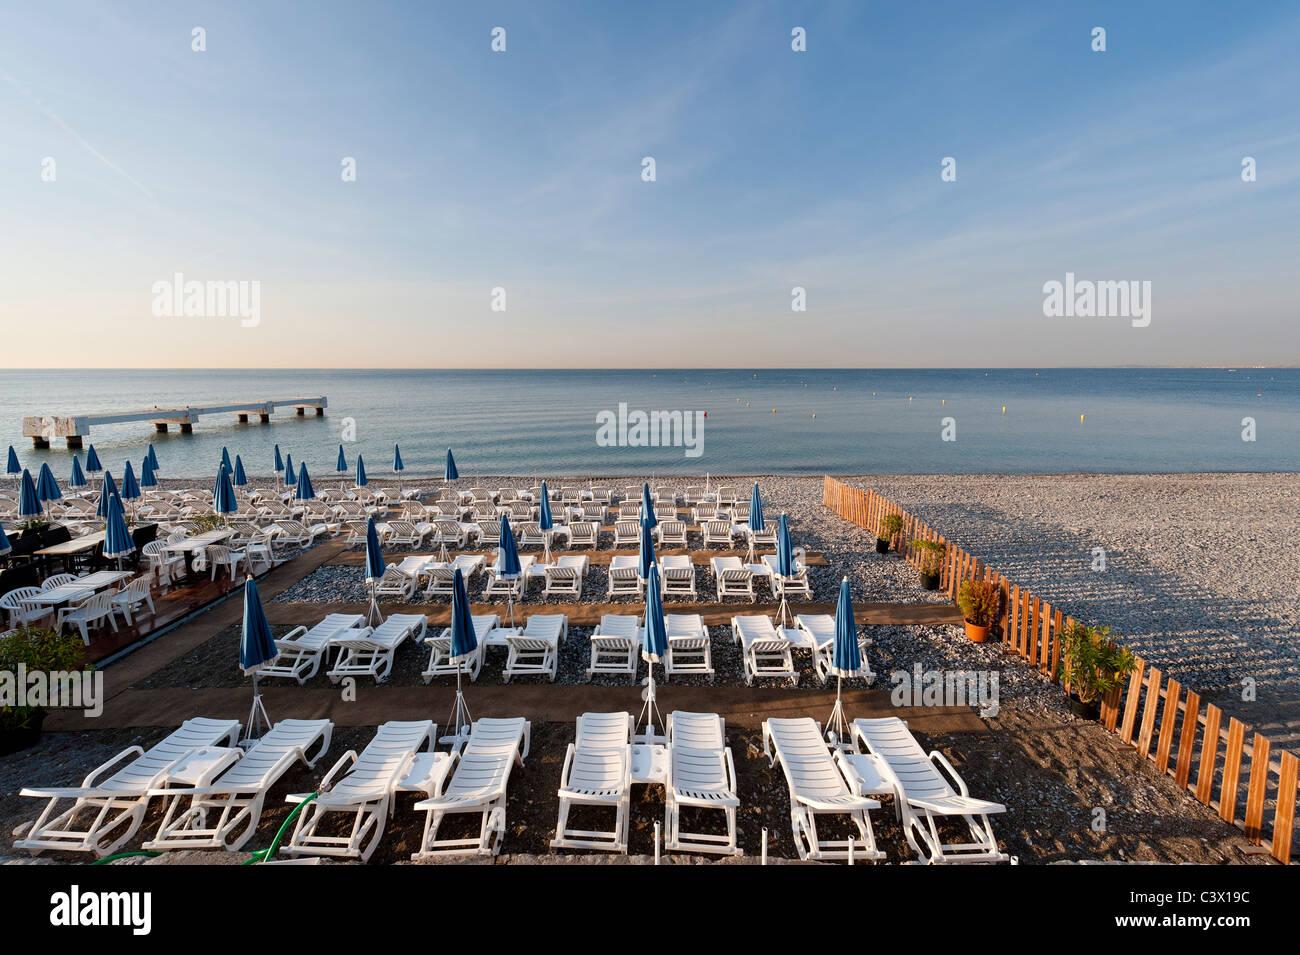 La Costa Mediterranea in mattina presto dalla Promenade des Anglais, Nizza Côte d'azur Immagini Stock